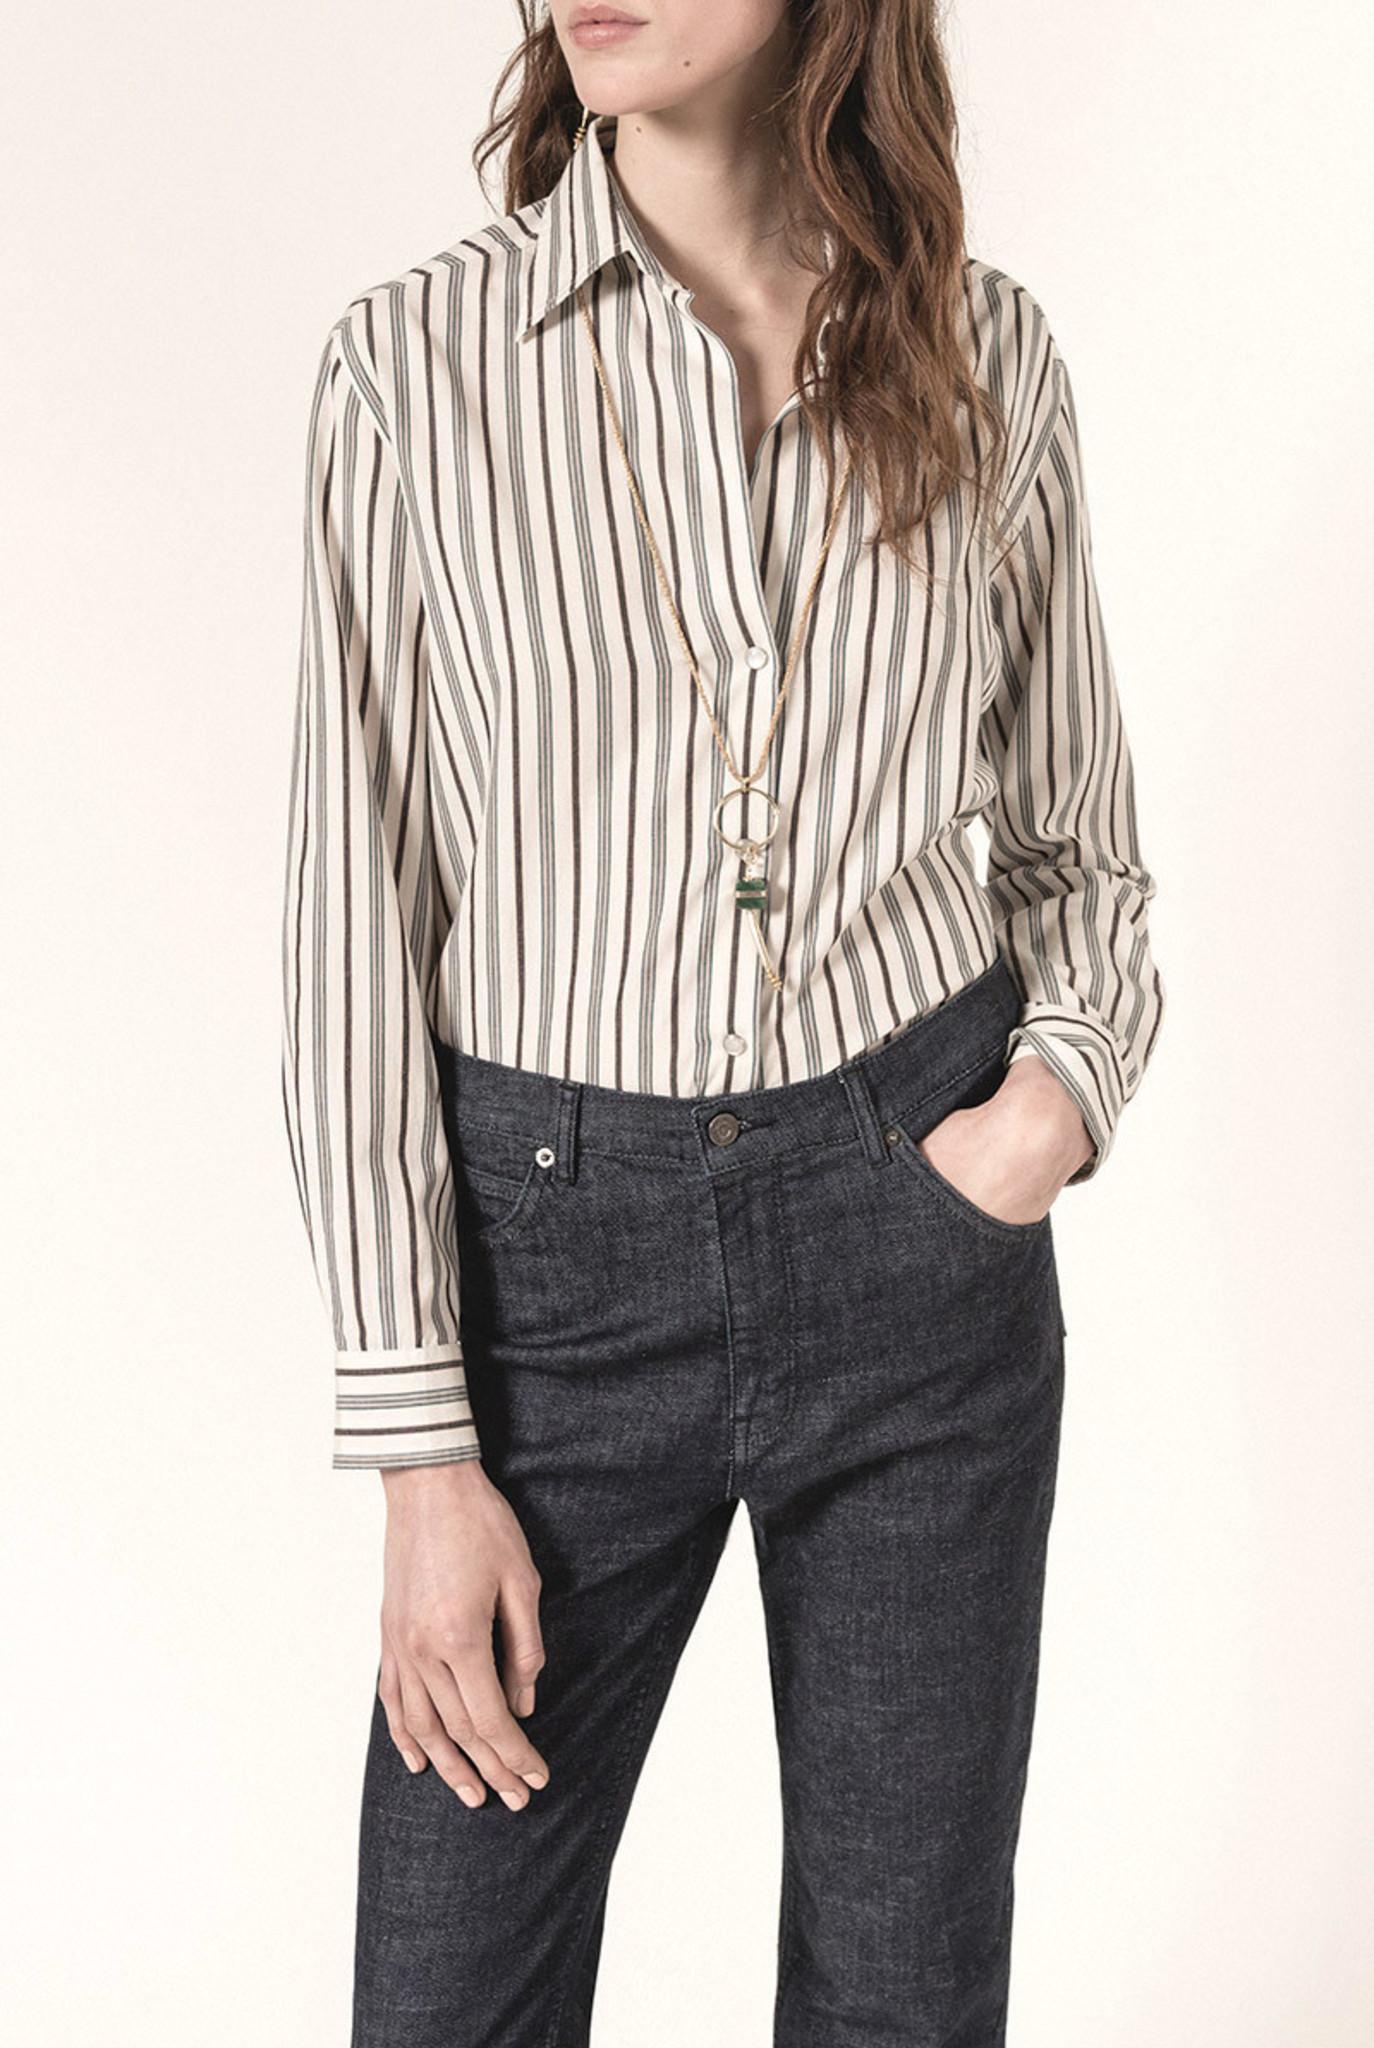 Druyat blouse Grey Brown stripe